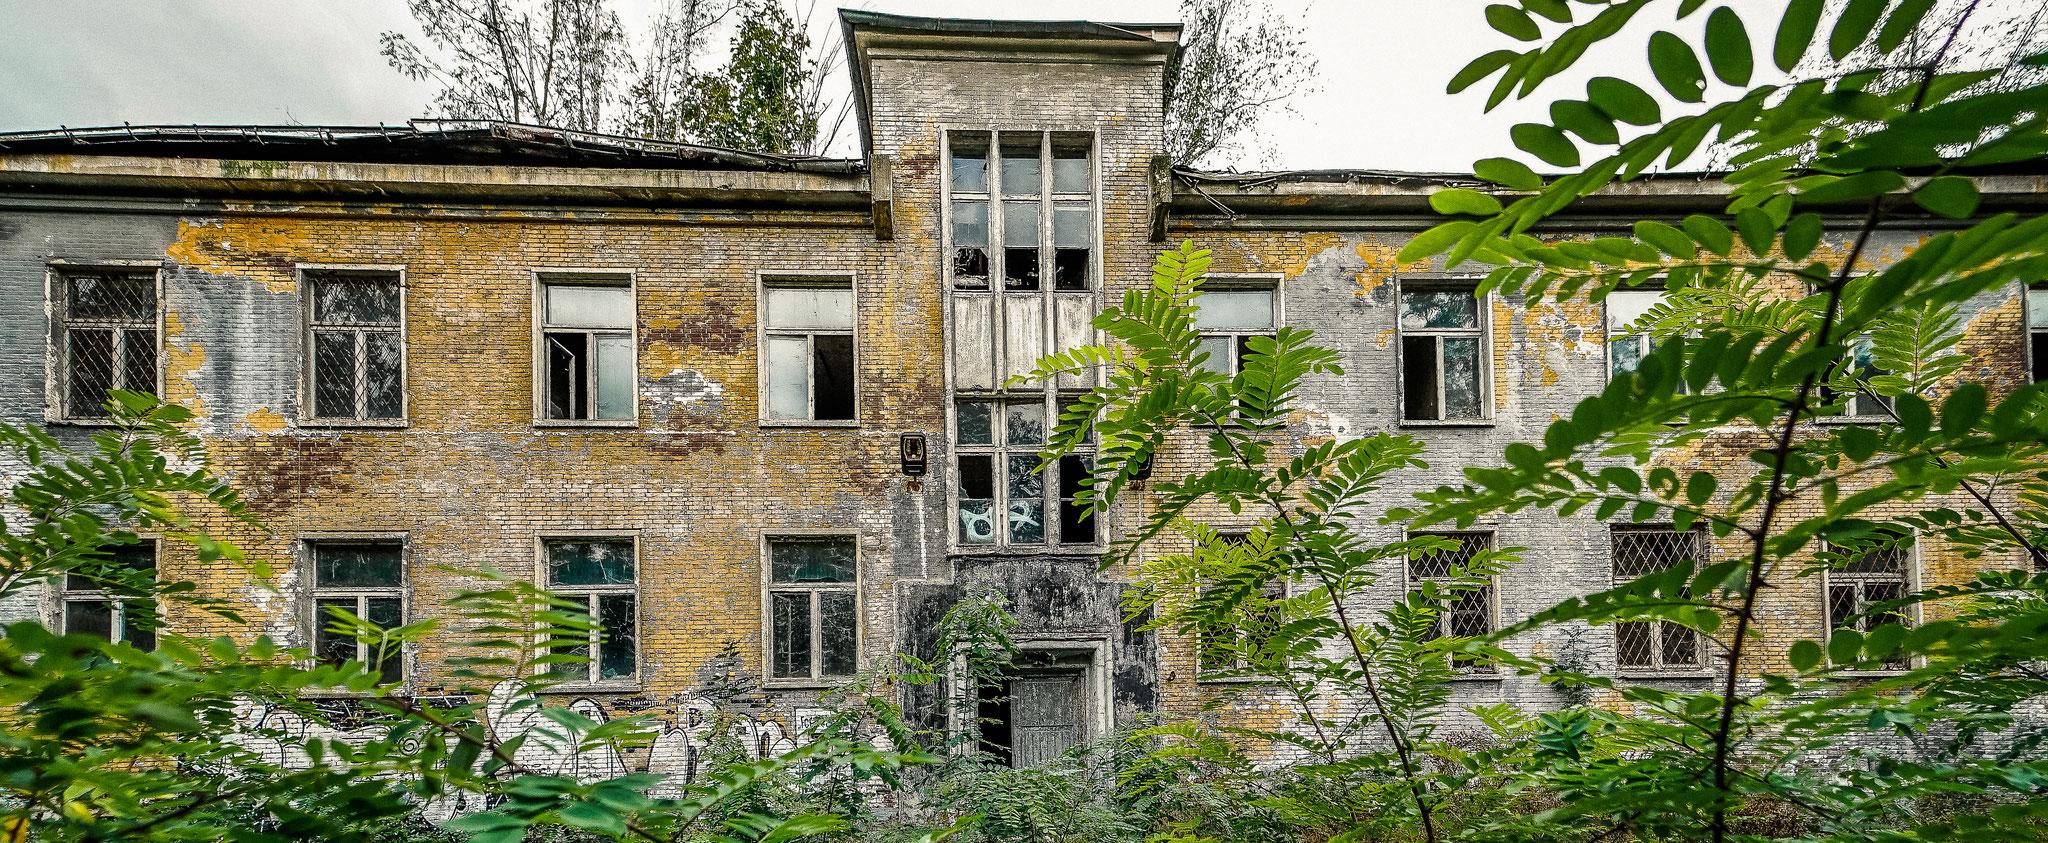 DIe alten Gebäude der Heeresreitschule